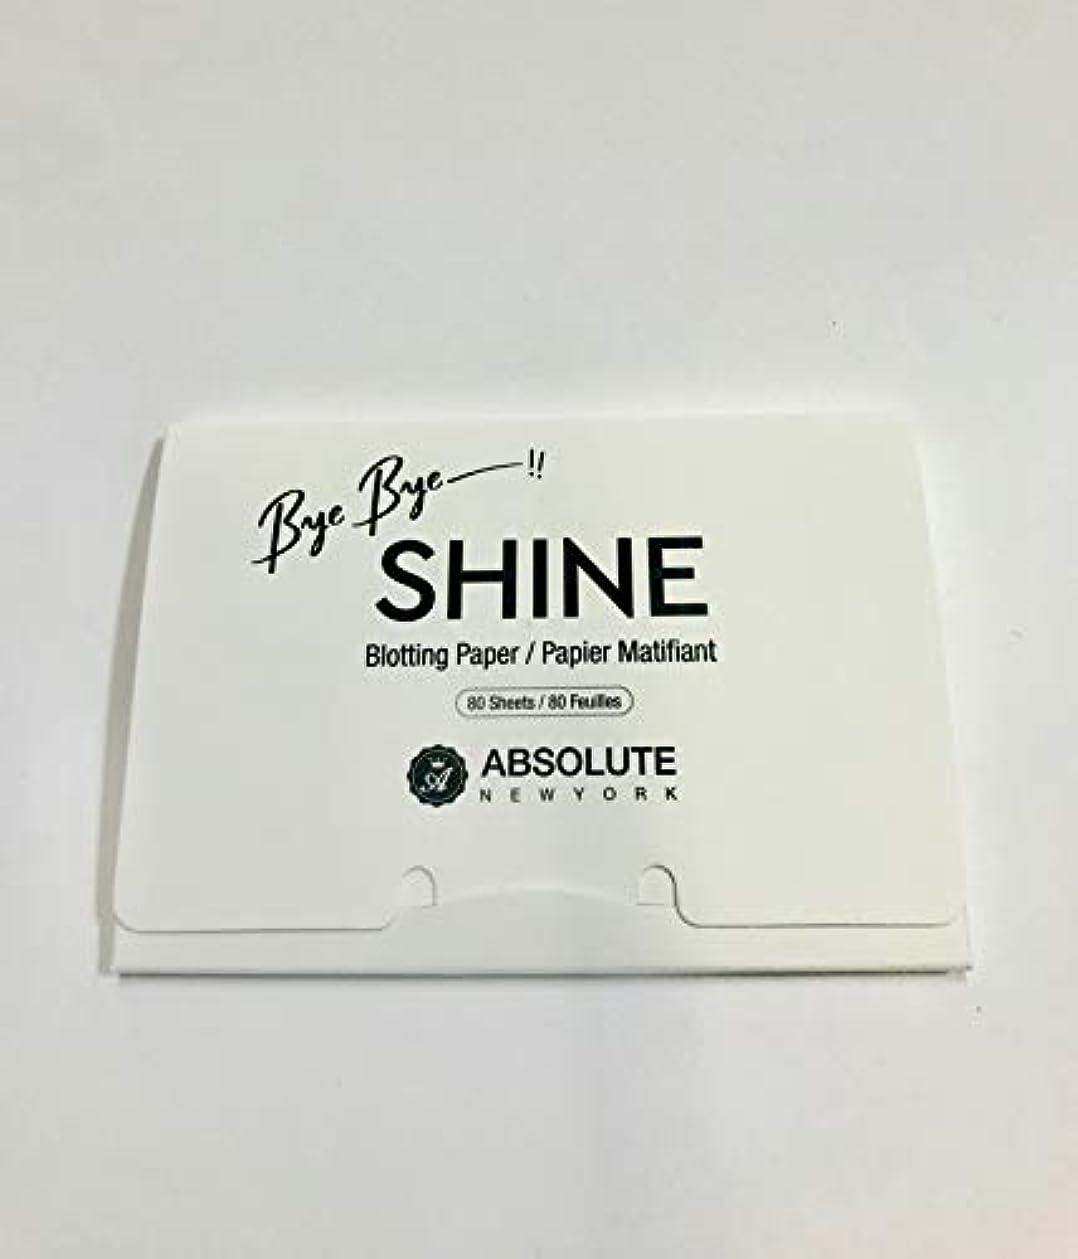 遠いトランジスタ凍るABSOLUTE Bye Bye Shine Blotting Paper (並行輸入品)